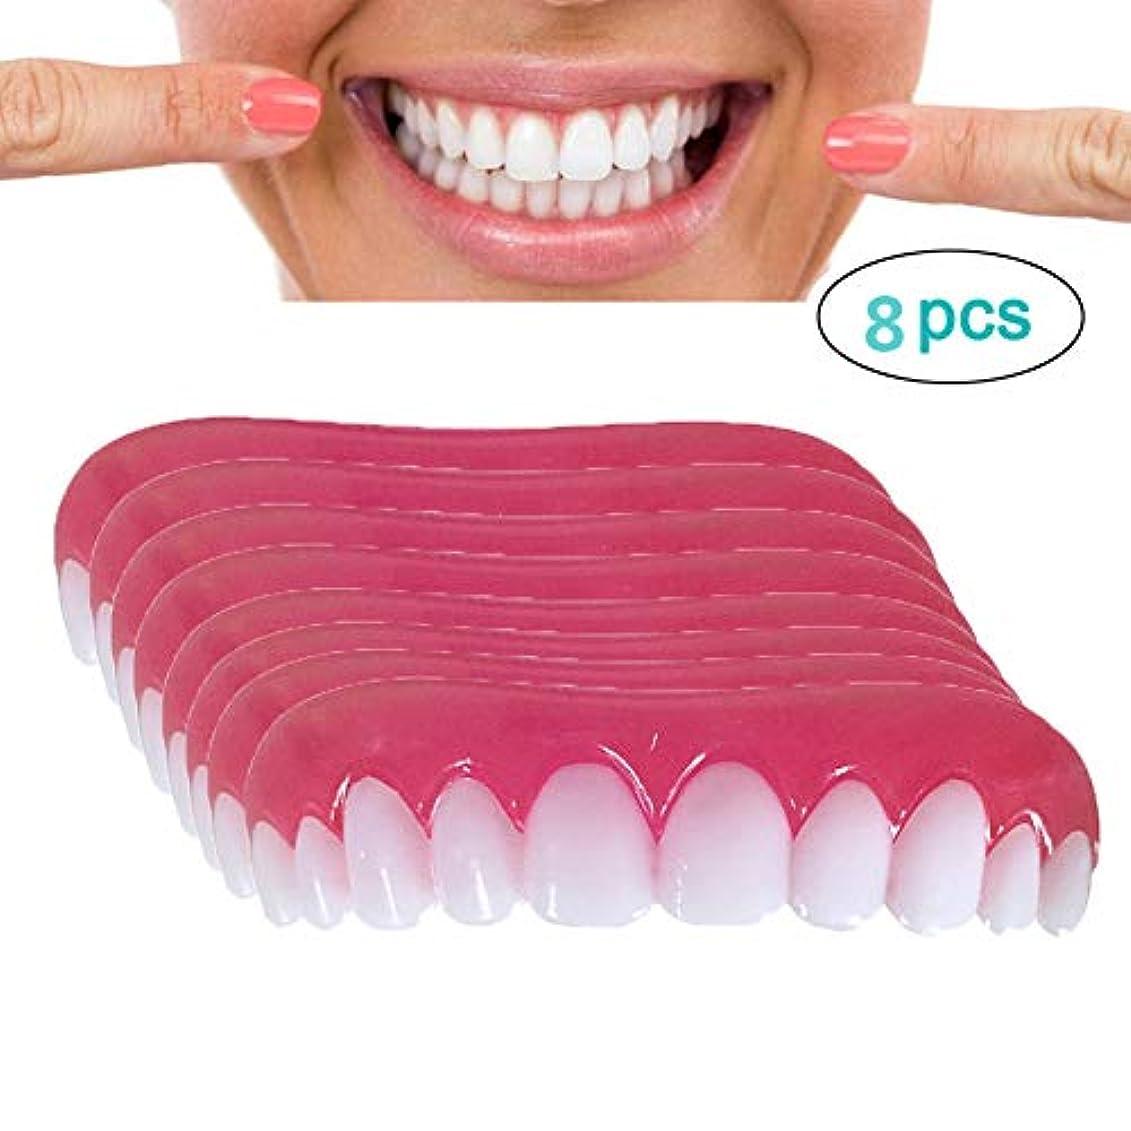 入札曲げる主観的8枚の一時的な化粧品の歯の入れ歯、歯と化粧品、シミュレートされたアッパーカフ、ホワイトニングの歯、スナップキャップ、インスタントの快適さ、ソフトで完璧なベニア